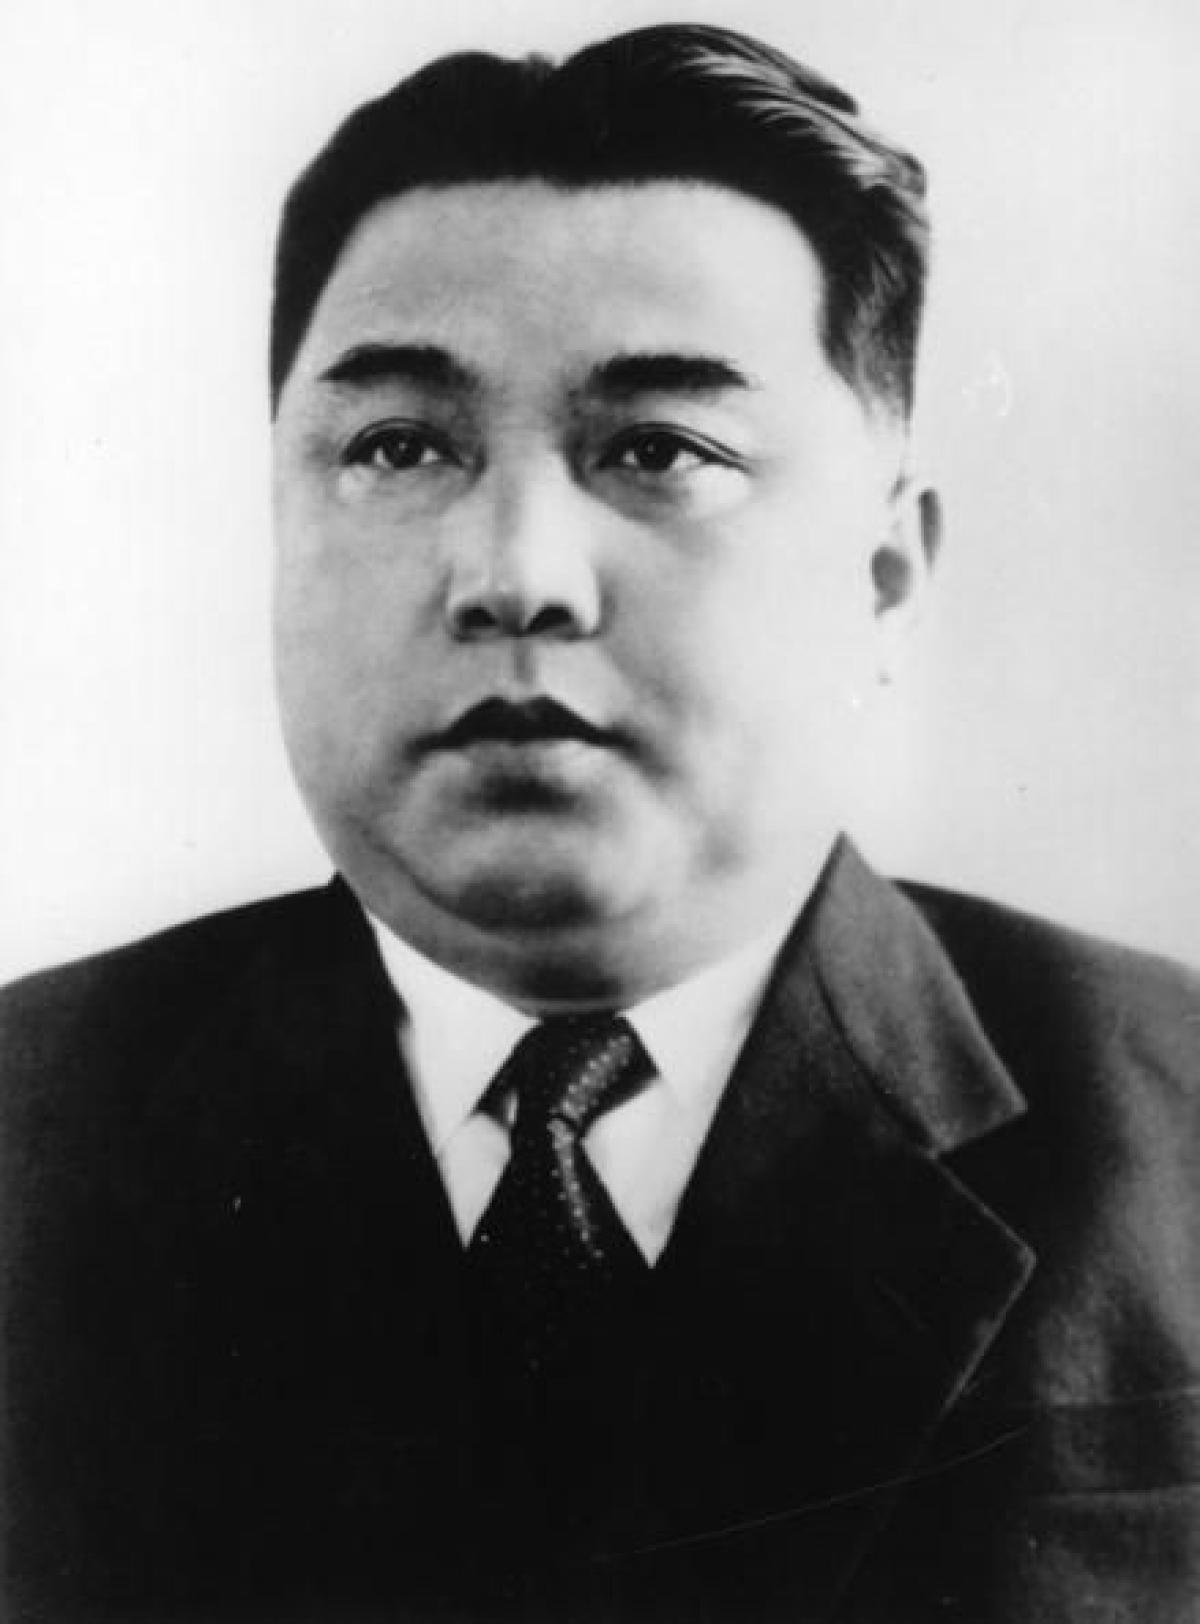 Kim Il Sung